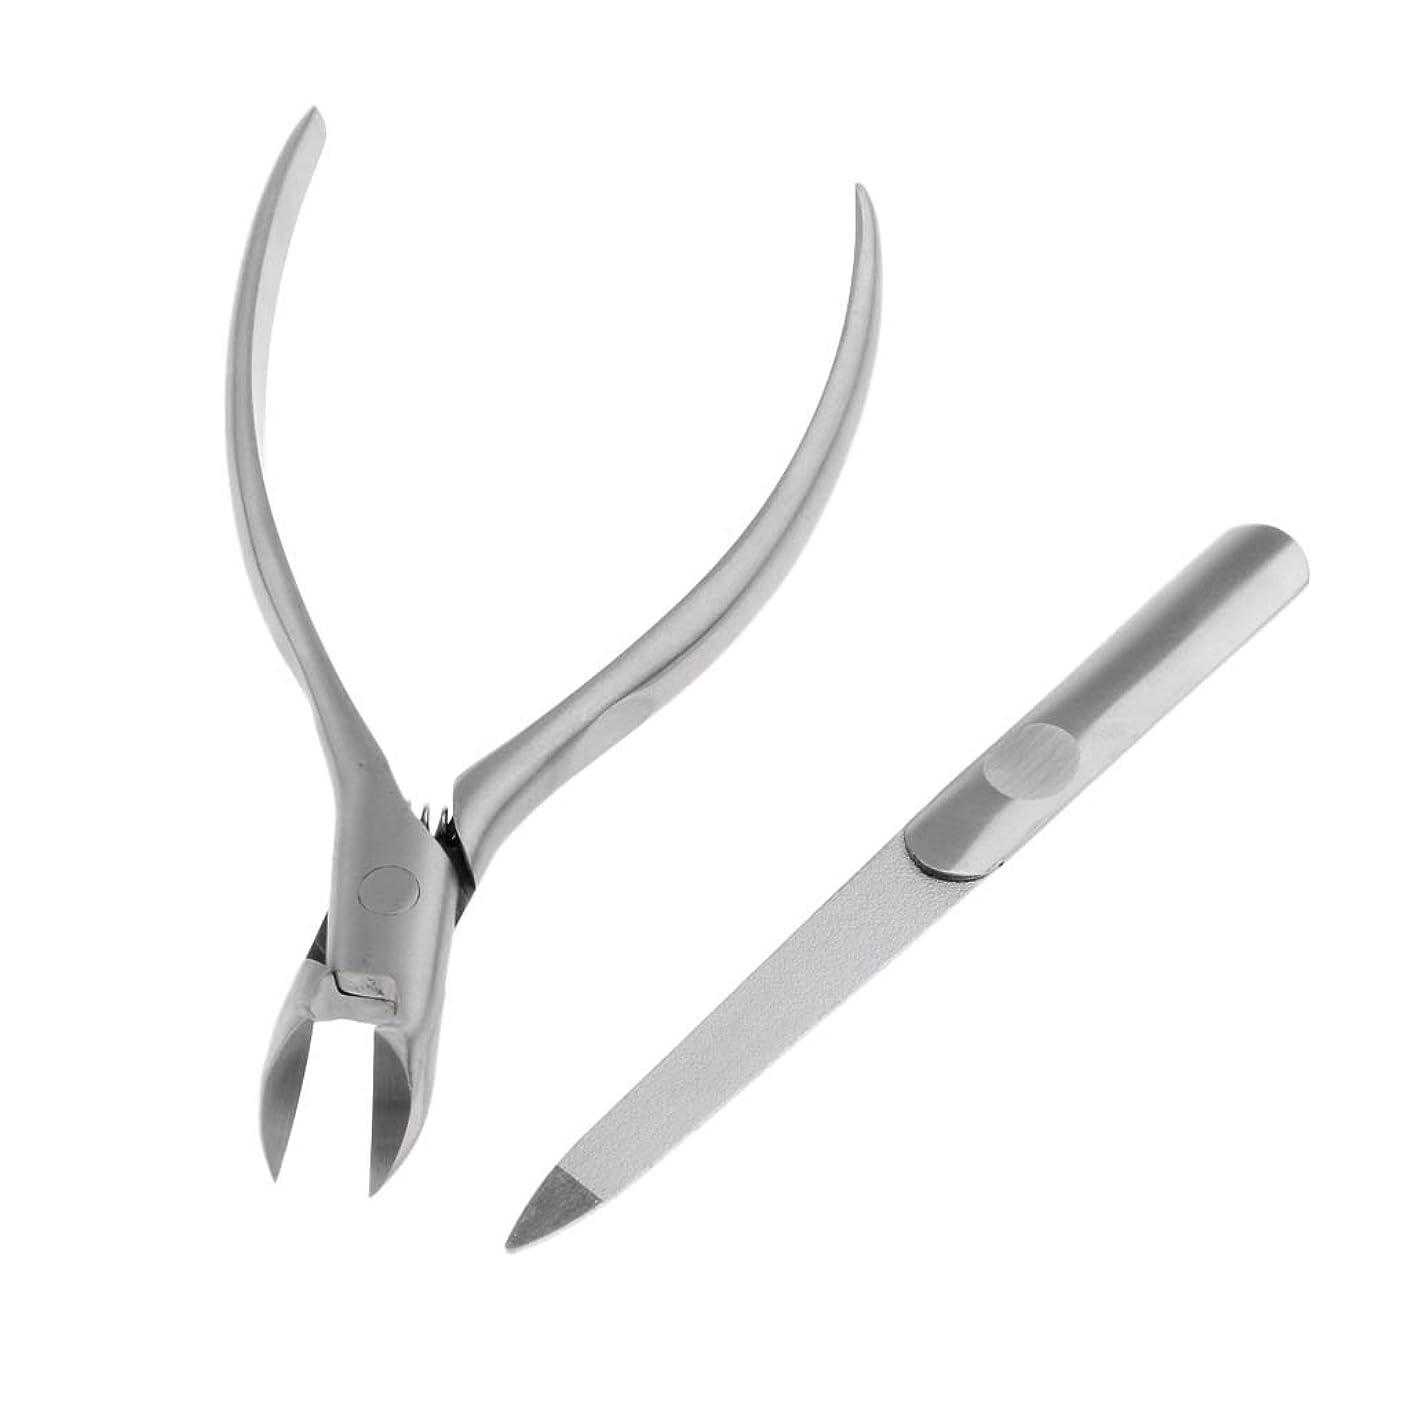 厚くする提案する険しいFenteer ステンレス鋼 クランプ キューティクルニッパーカッター はさみ 爪リフター 陥入爪 爪カッター クリッパー ツールセット